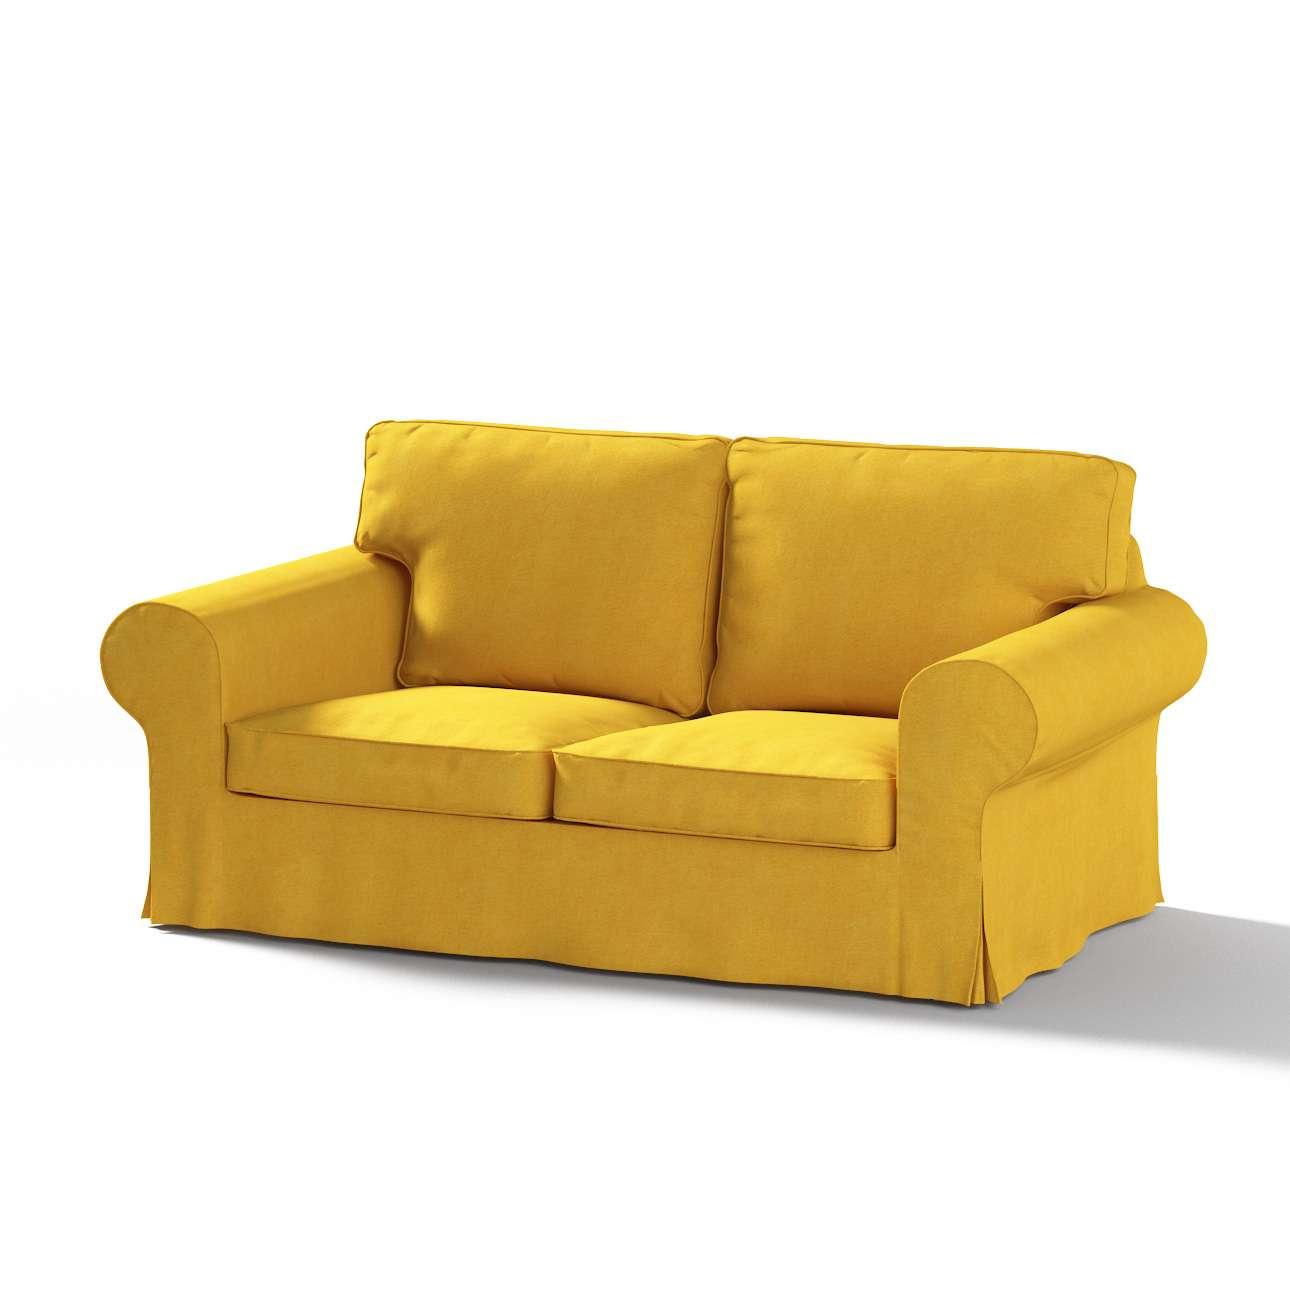 Ektorp 2-Sitzer Schlafsofabezug  NEUES Modell, senffarbe, Sofabezug für  Ektorp 2-Sitzer ausklappbar, neues Modell, Etna | Heimtextilien > Hussen und Überwürfe | Glanz | Stoff | Dekoria